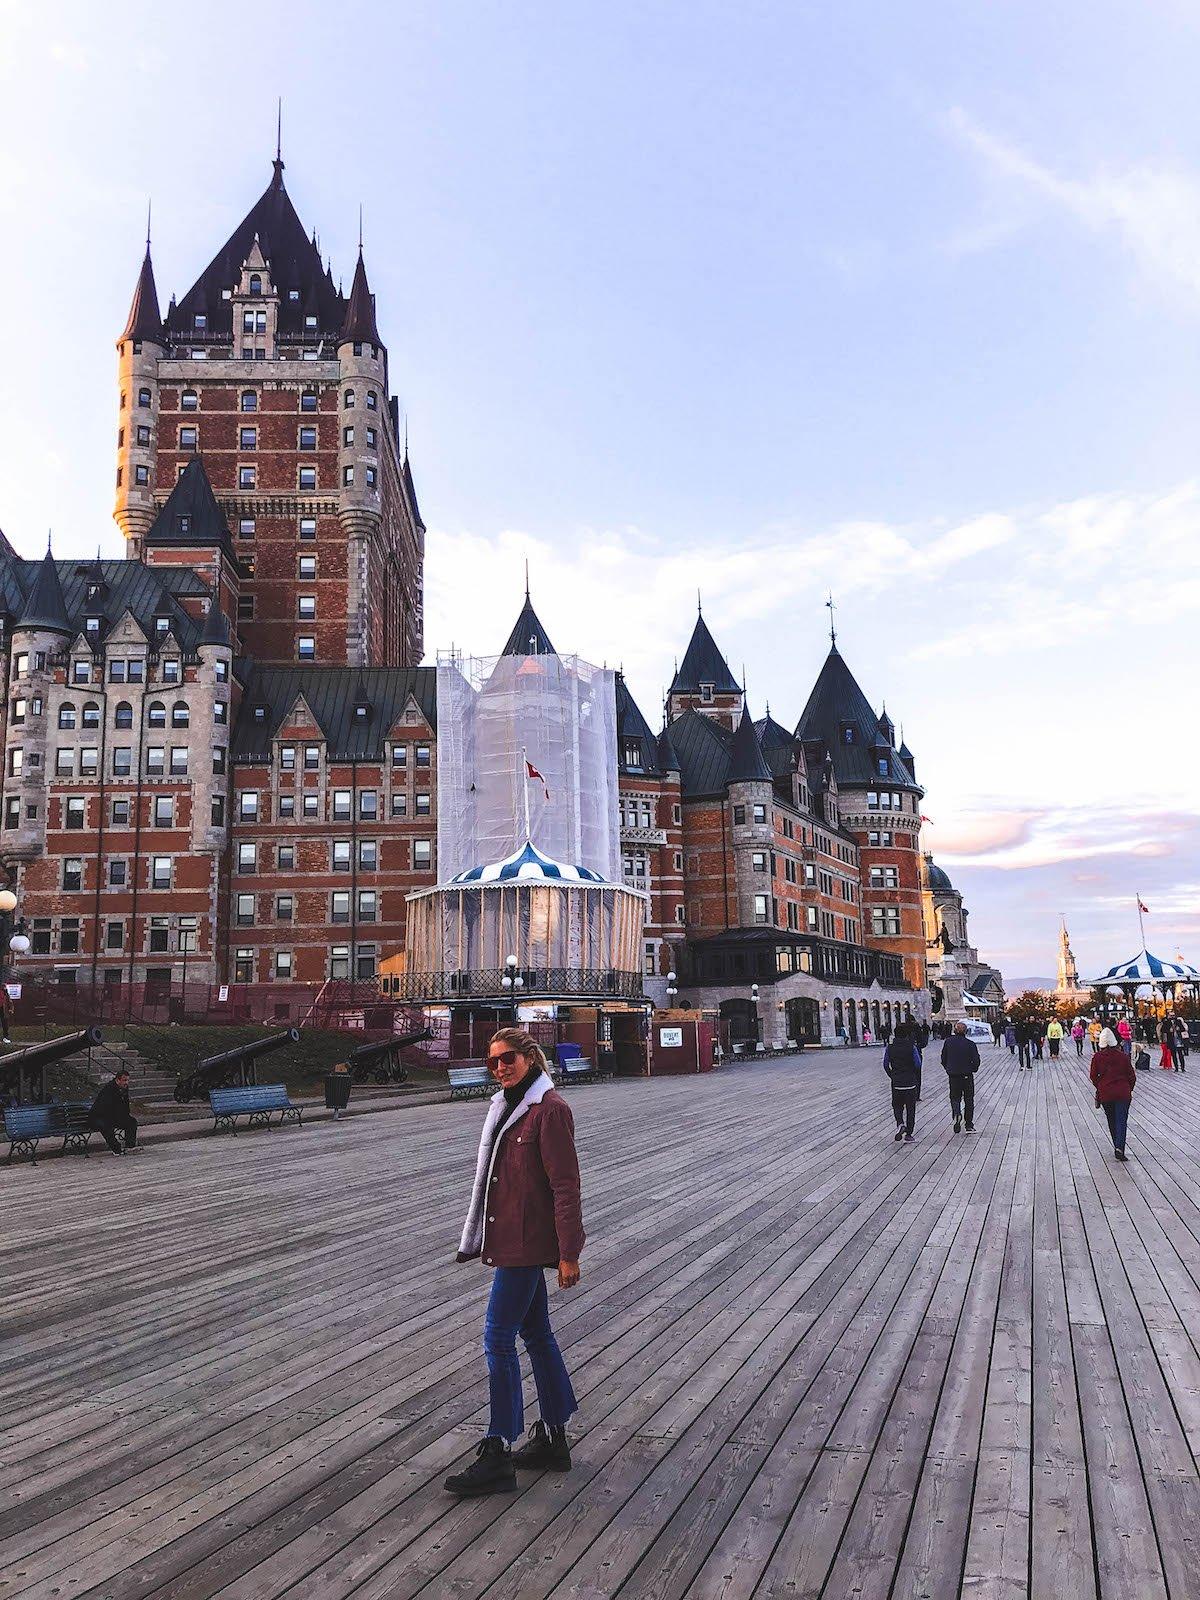 L'Automne au Québec: Autour de la ville de Québec, Île d'Orleans... 2/2